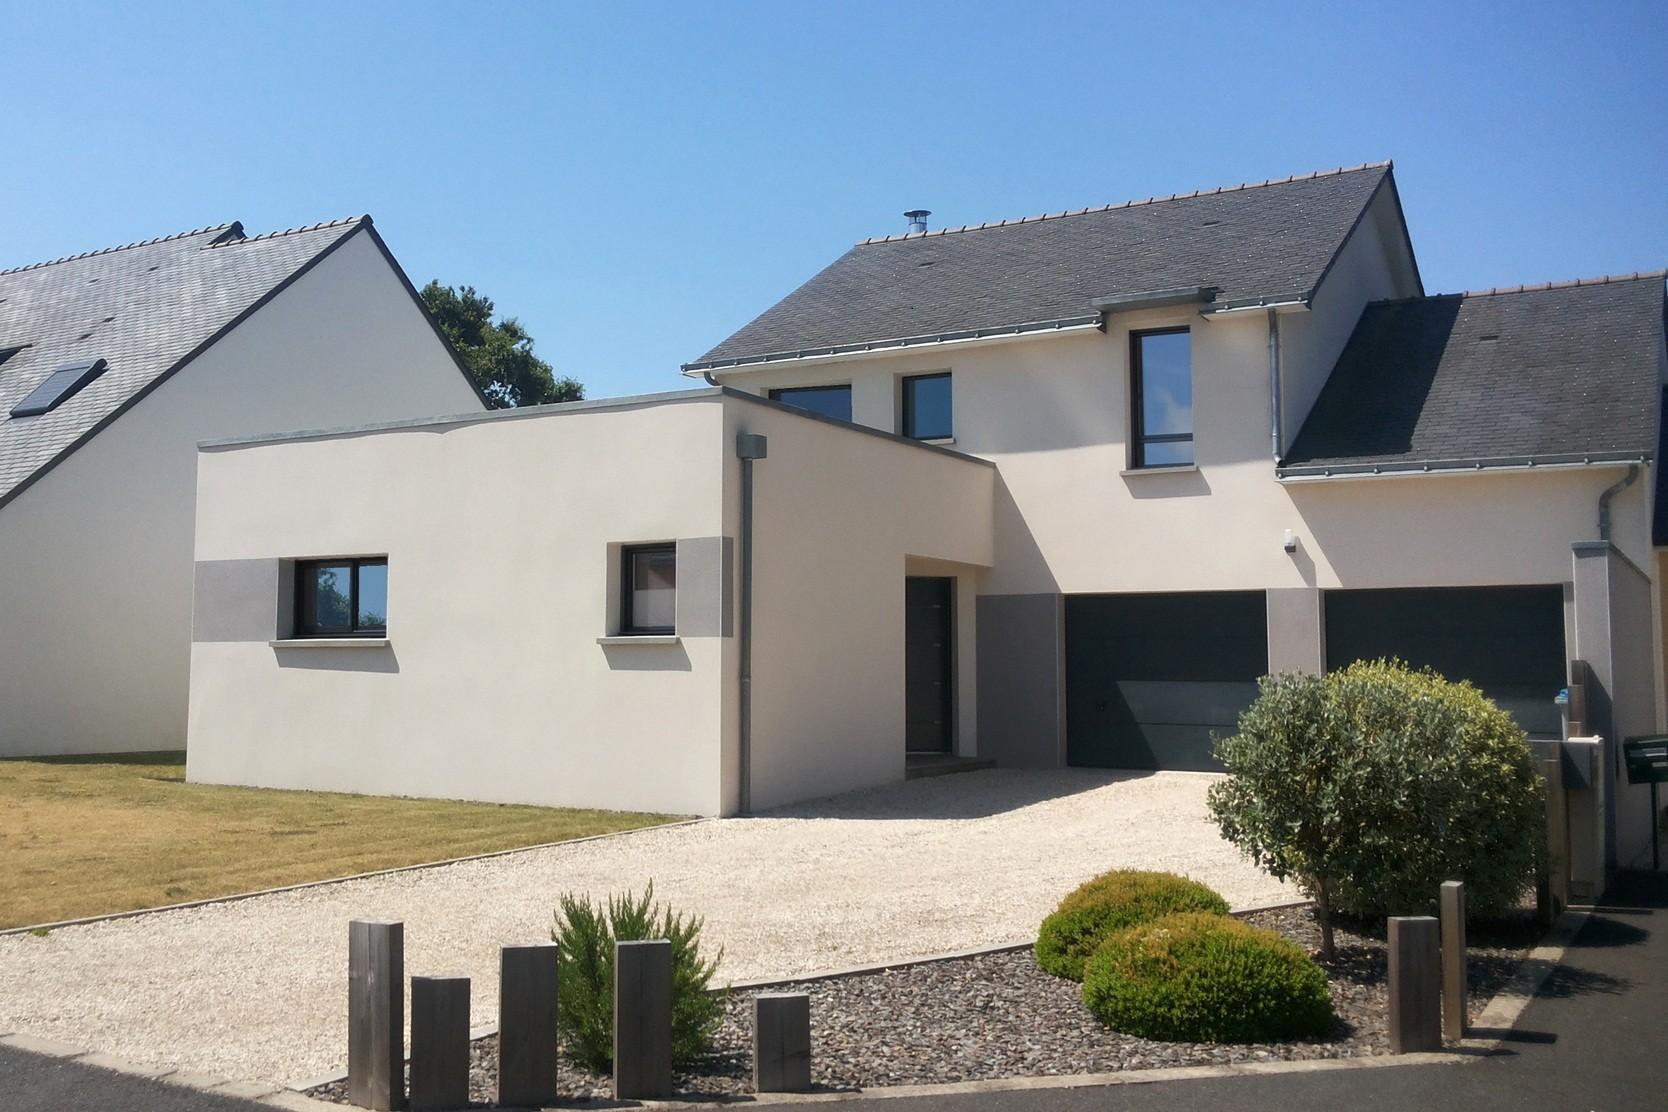 Maisons + Terrains du constructeur MAISON FAMILIALE RENNES • 110 m² • MONTREUIL SOUS PEROUSE